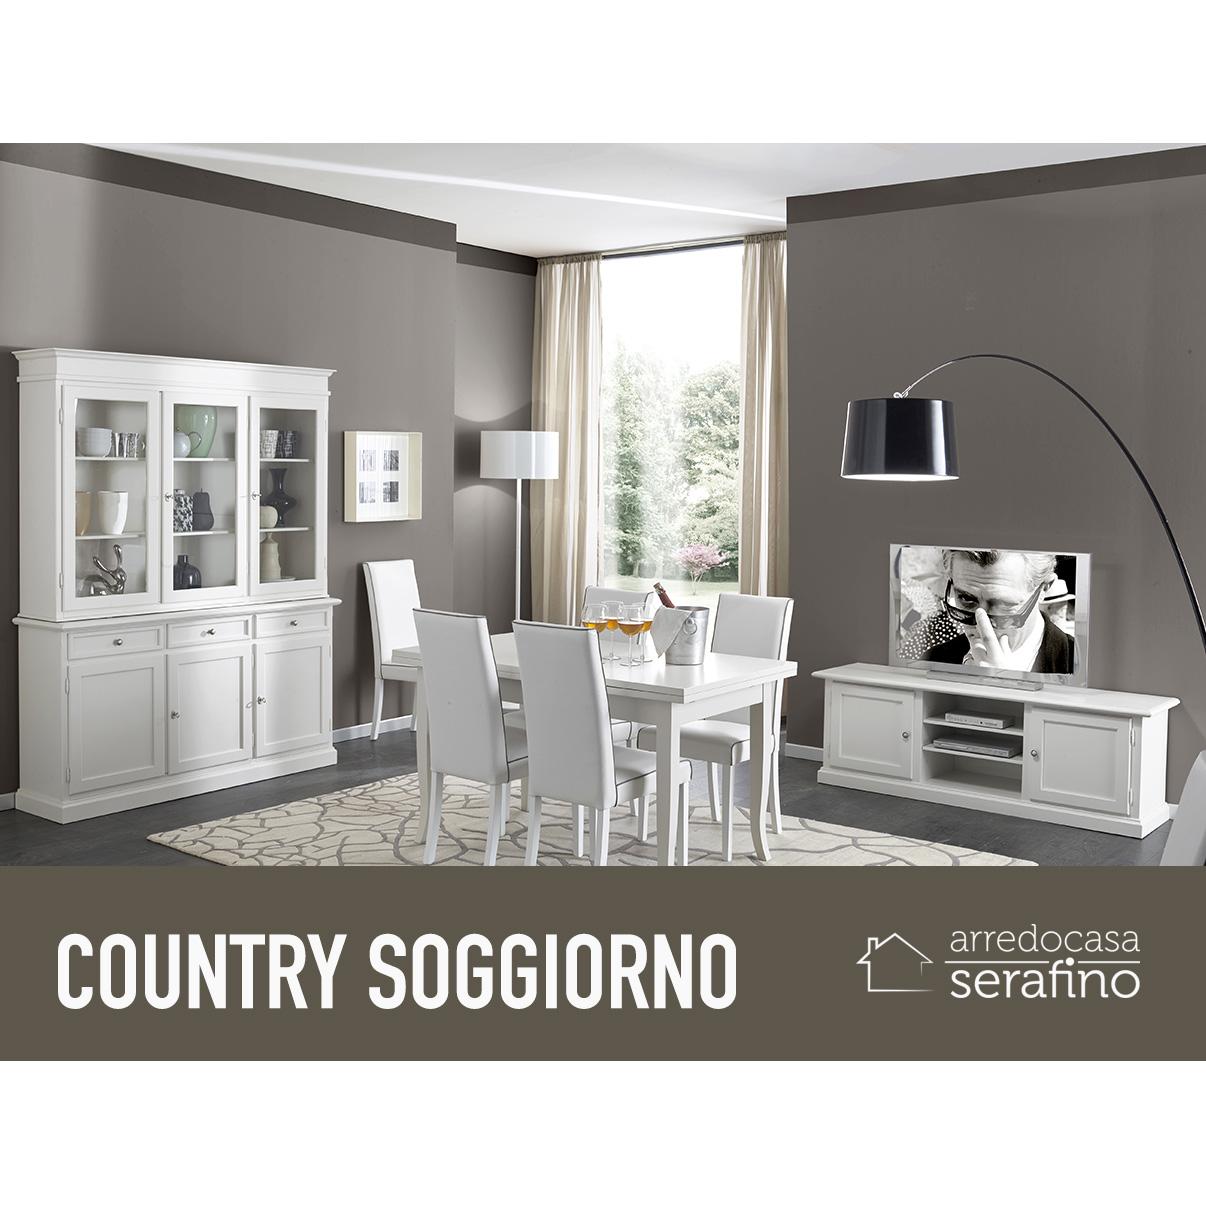 Soggiorno country arredocasa serafino for Soggiorno country